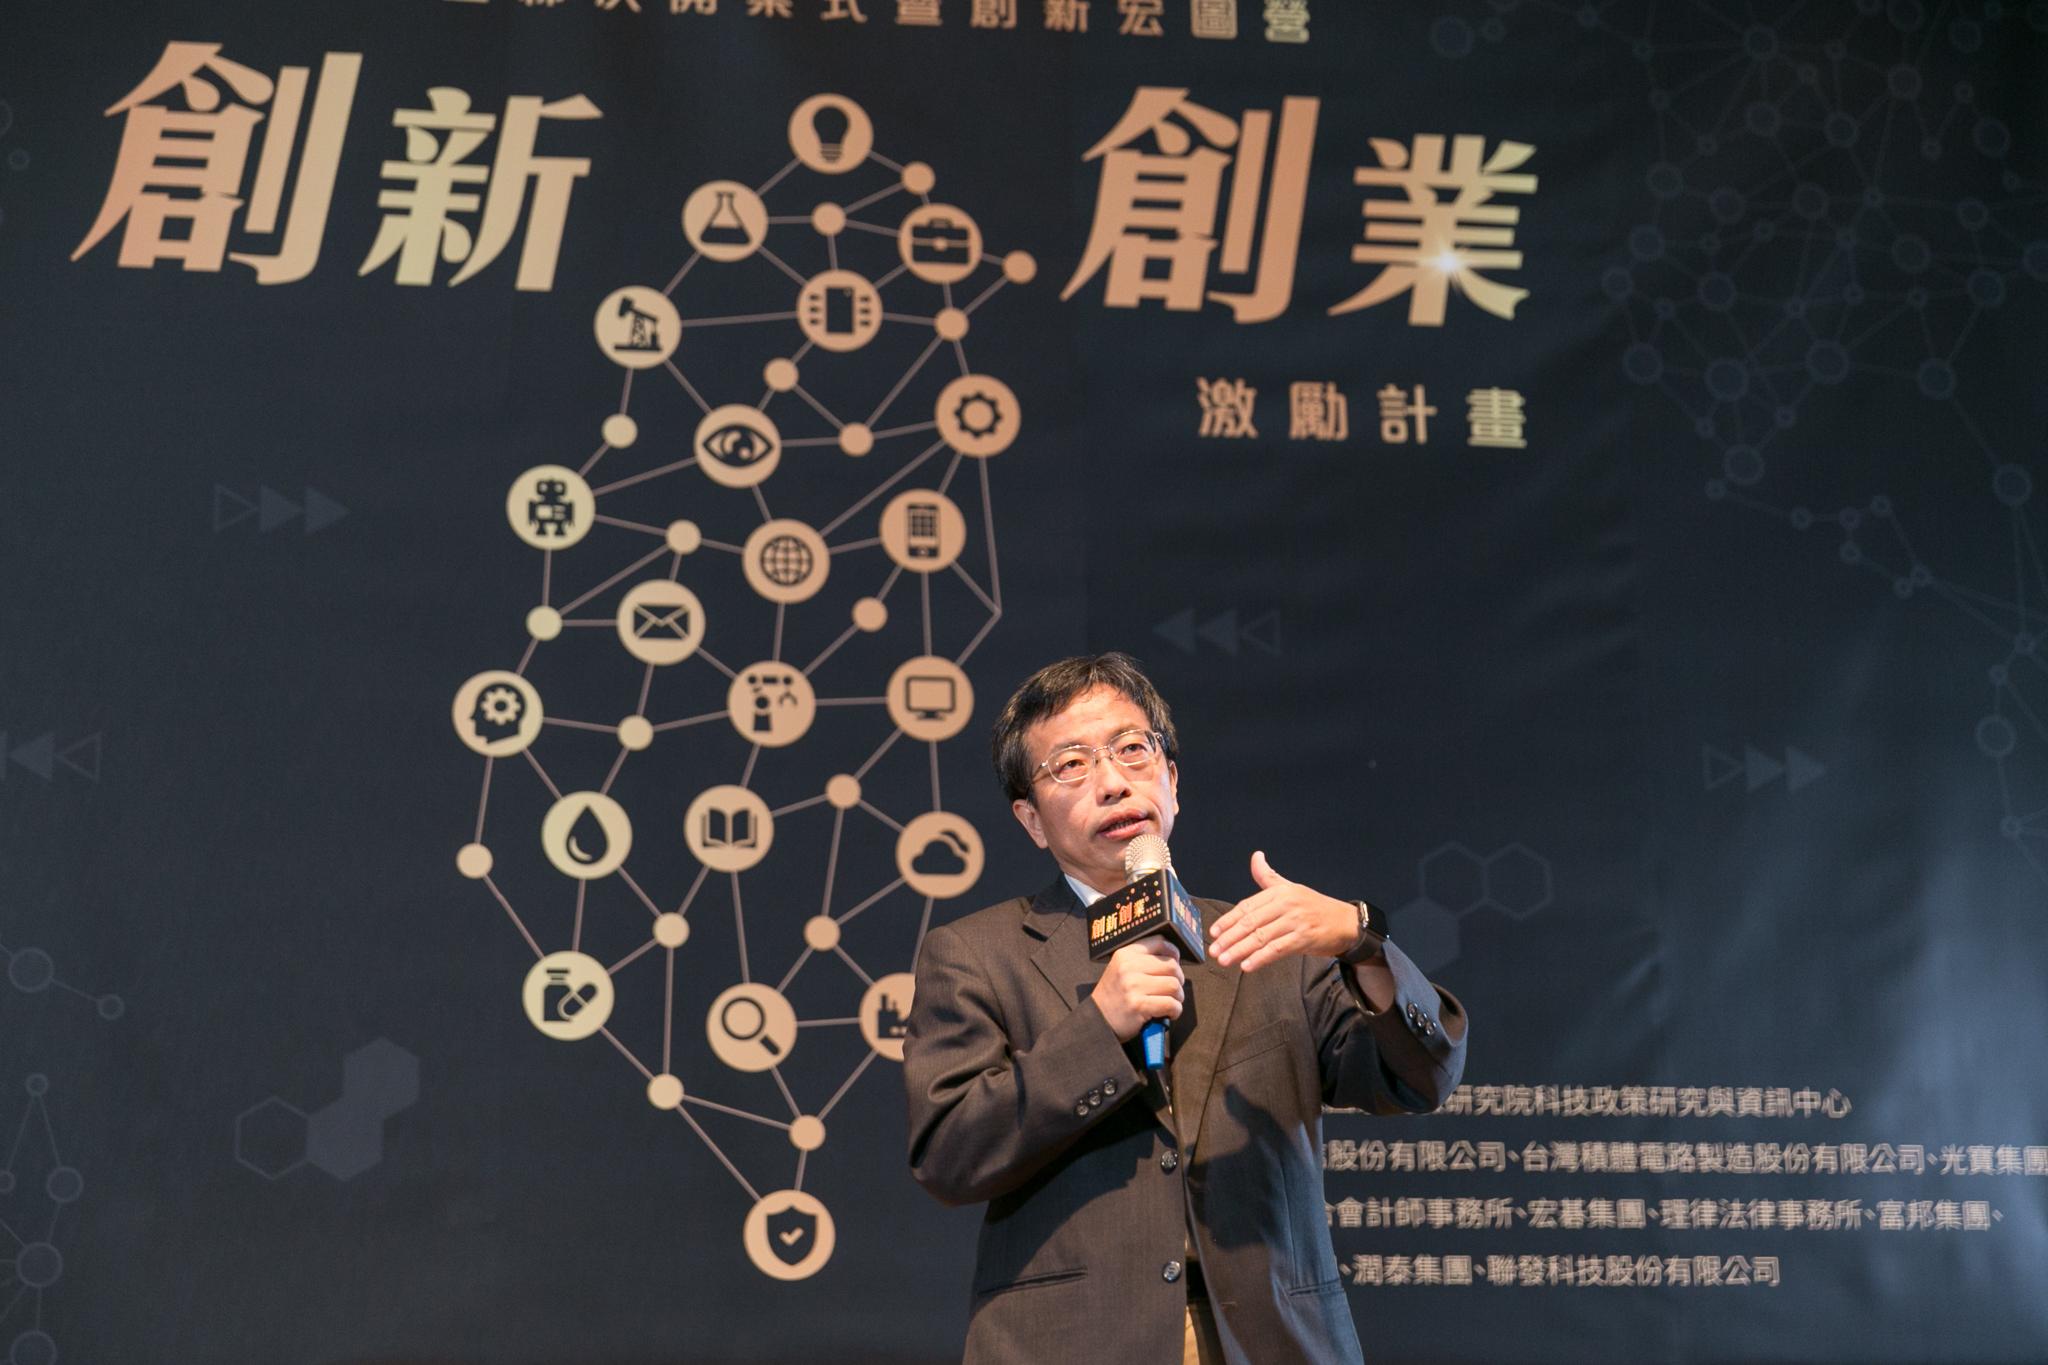 107年科技部「創新創業激勵計畫」 第二梯次創新開業式 深度培訓 再造創新思維